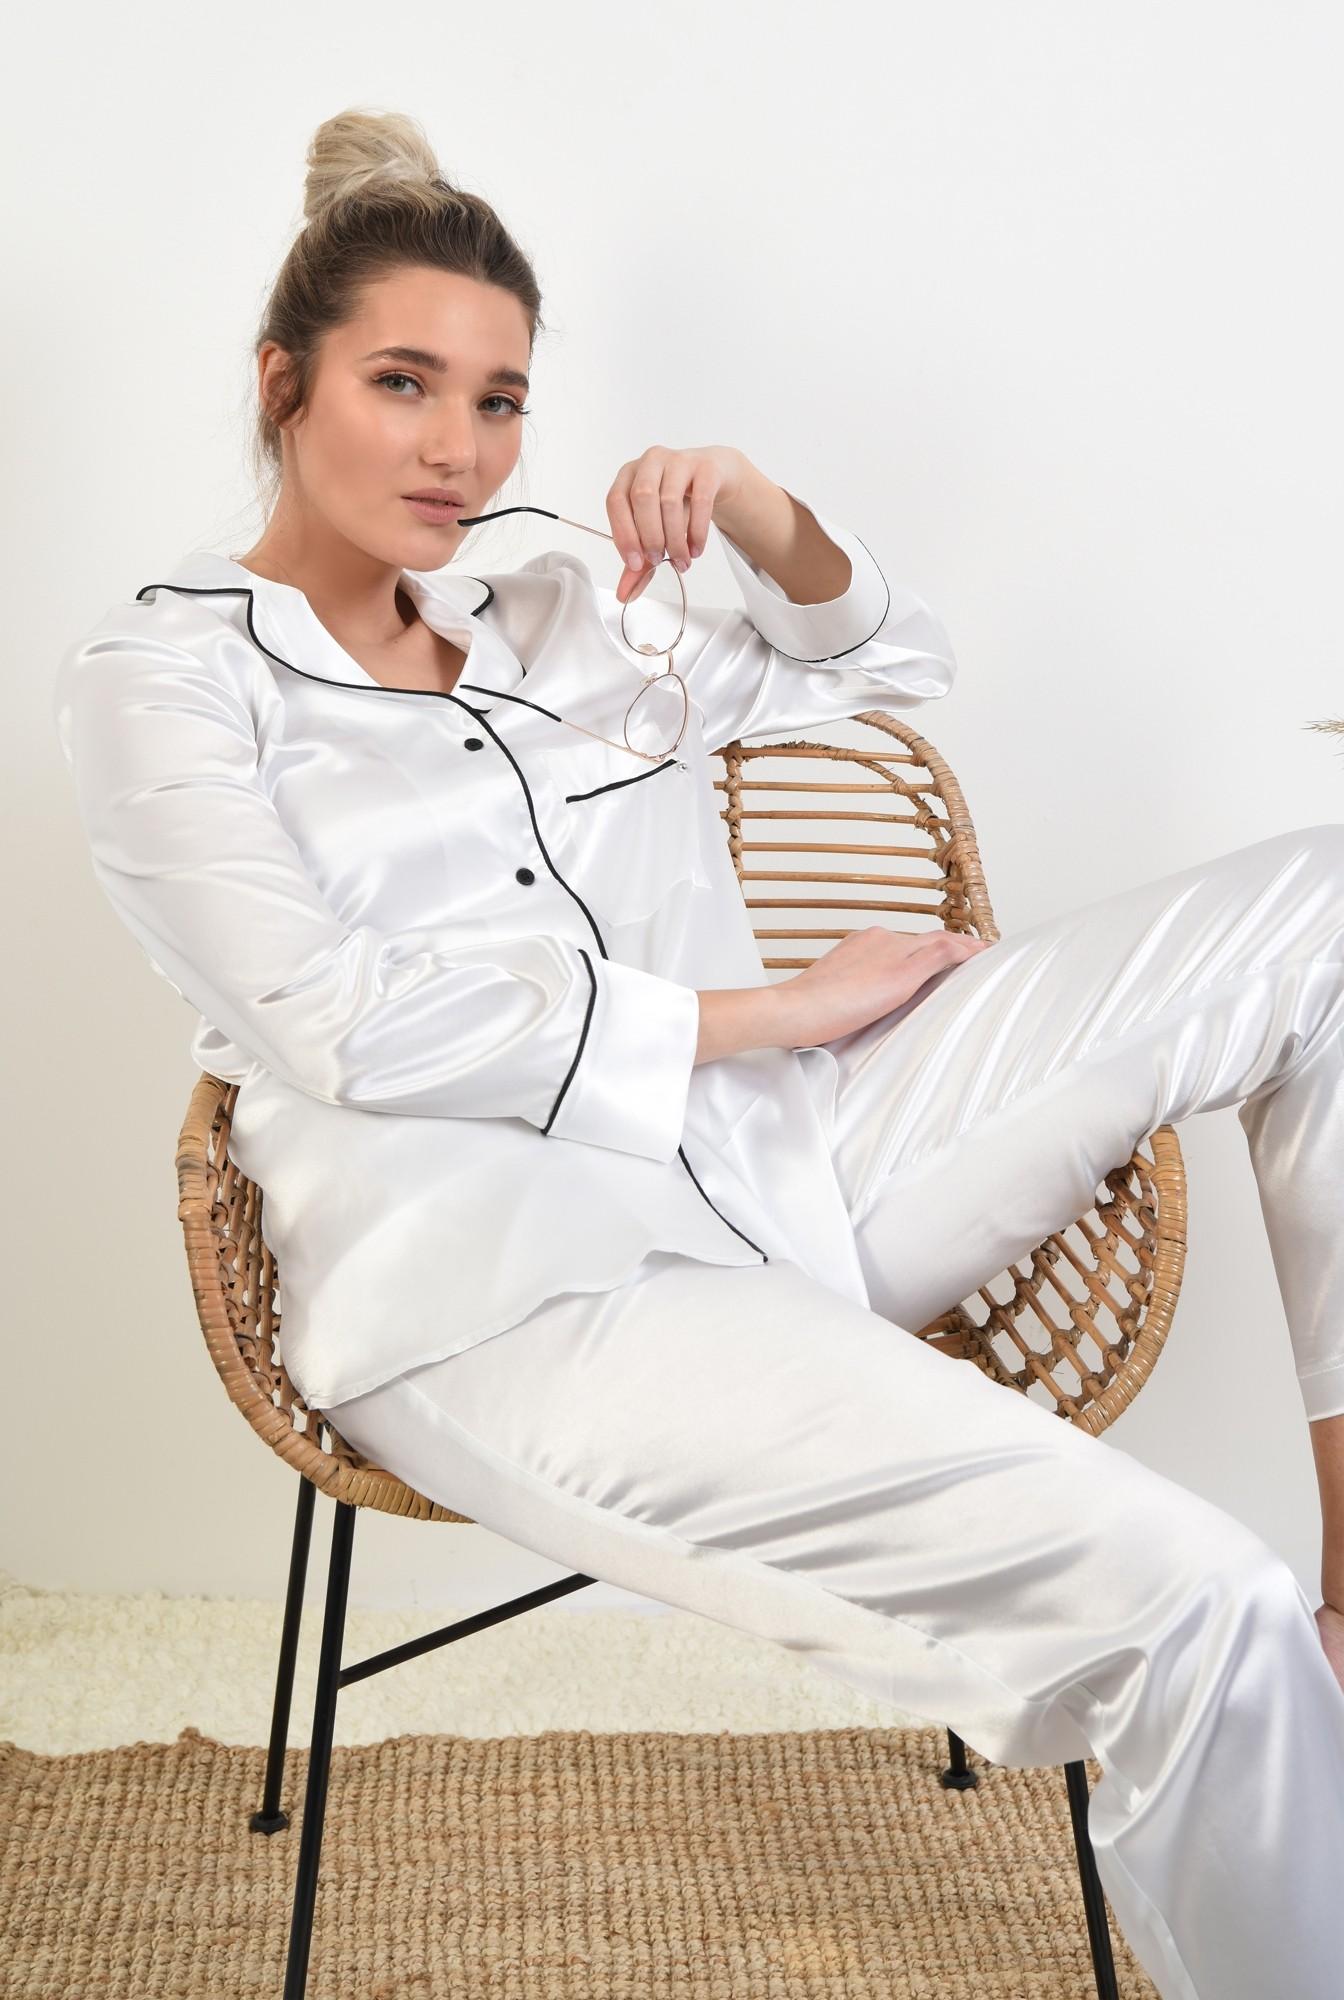 0 - camasa din satin, alb, cu nasturi, cu buzunar, cu borduri contrastante